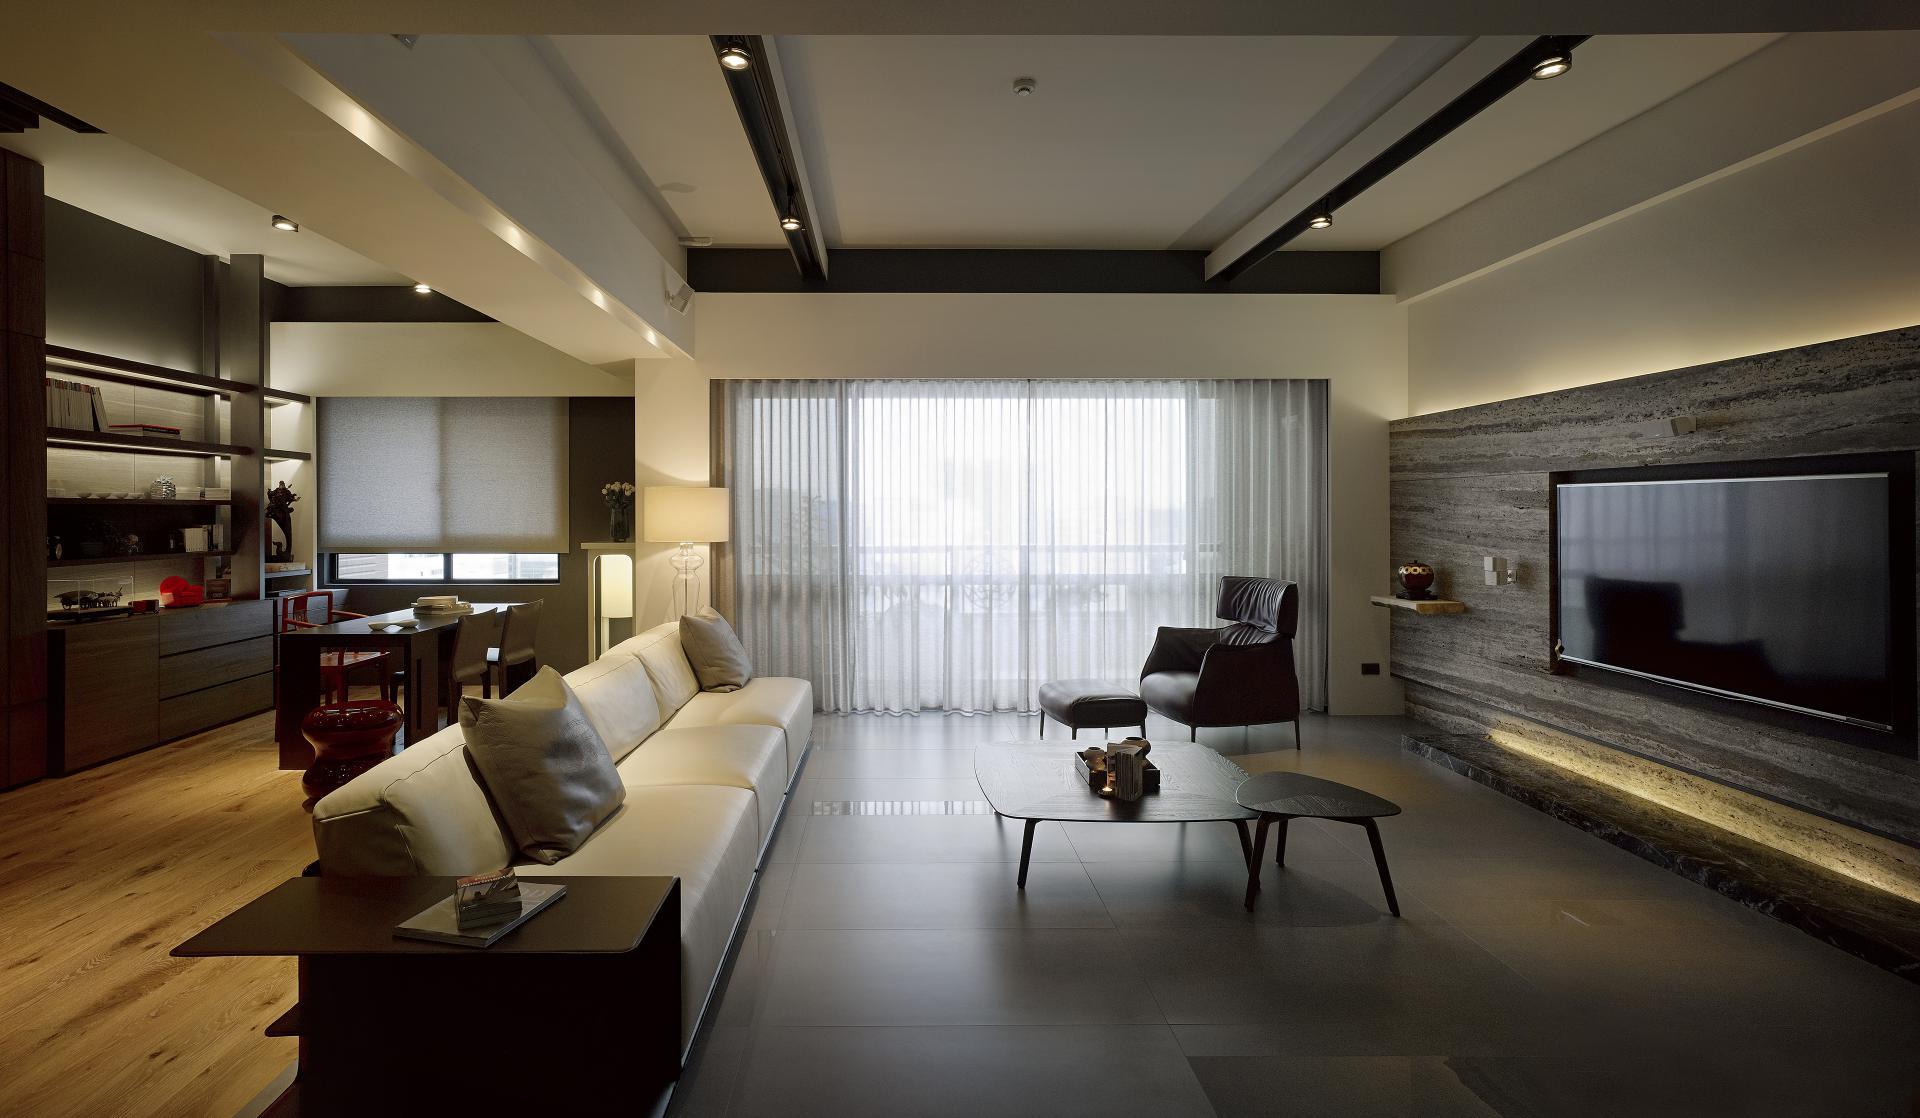 Wedo thiết kế nội thất phòng khách đẹp lấy cảm hứng từ thiên nhiên